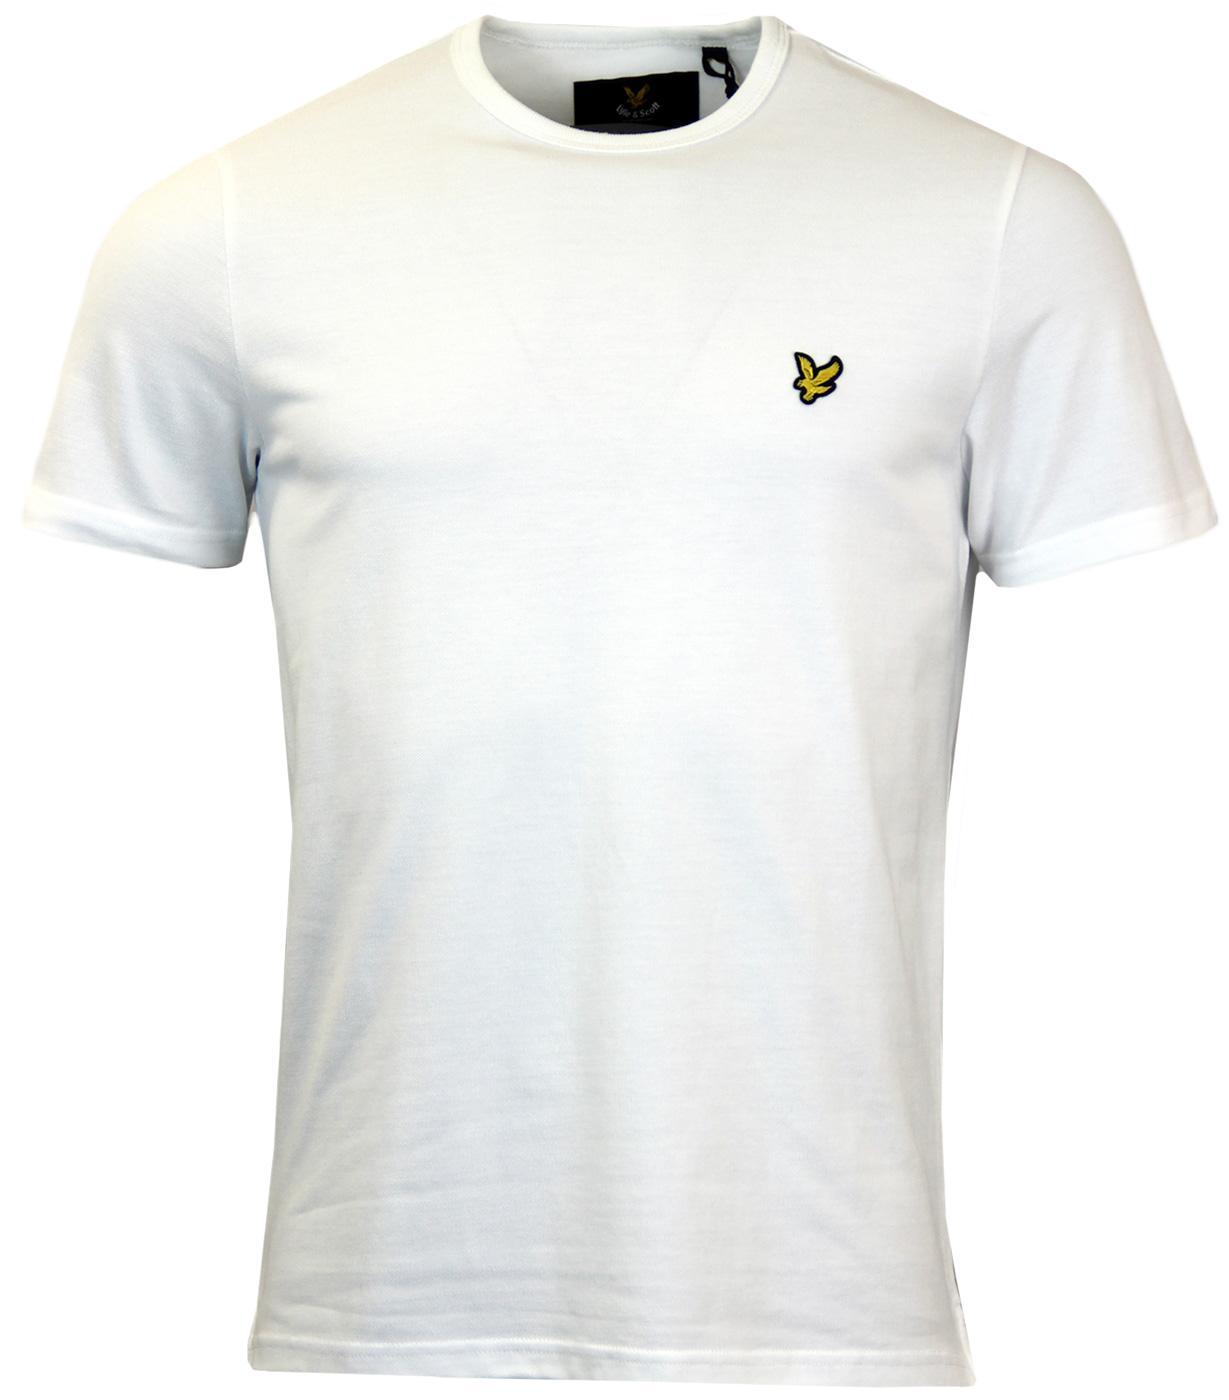 LYLE & SCOTT Retro Mod 60s Pique T-Shirt White